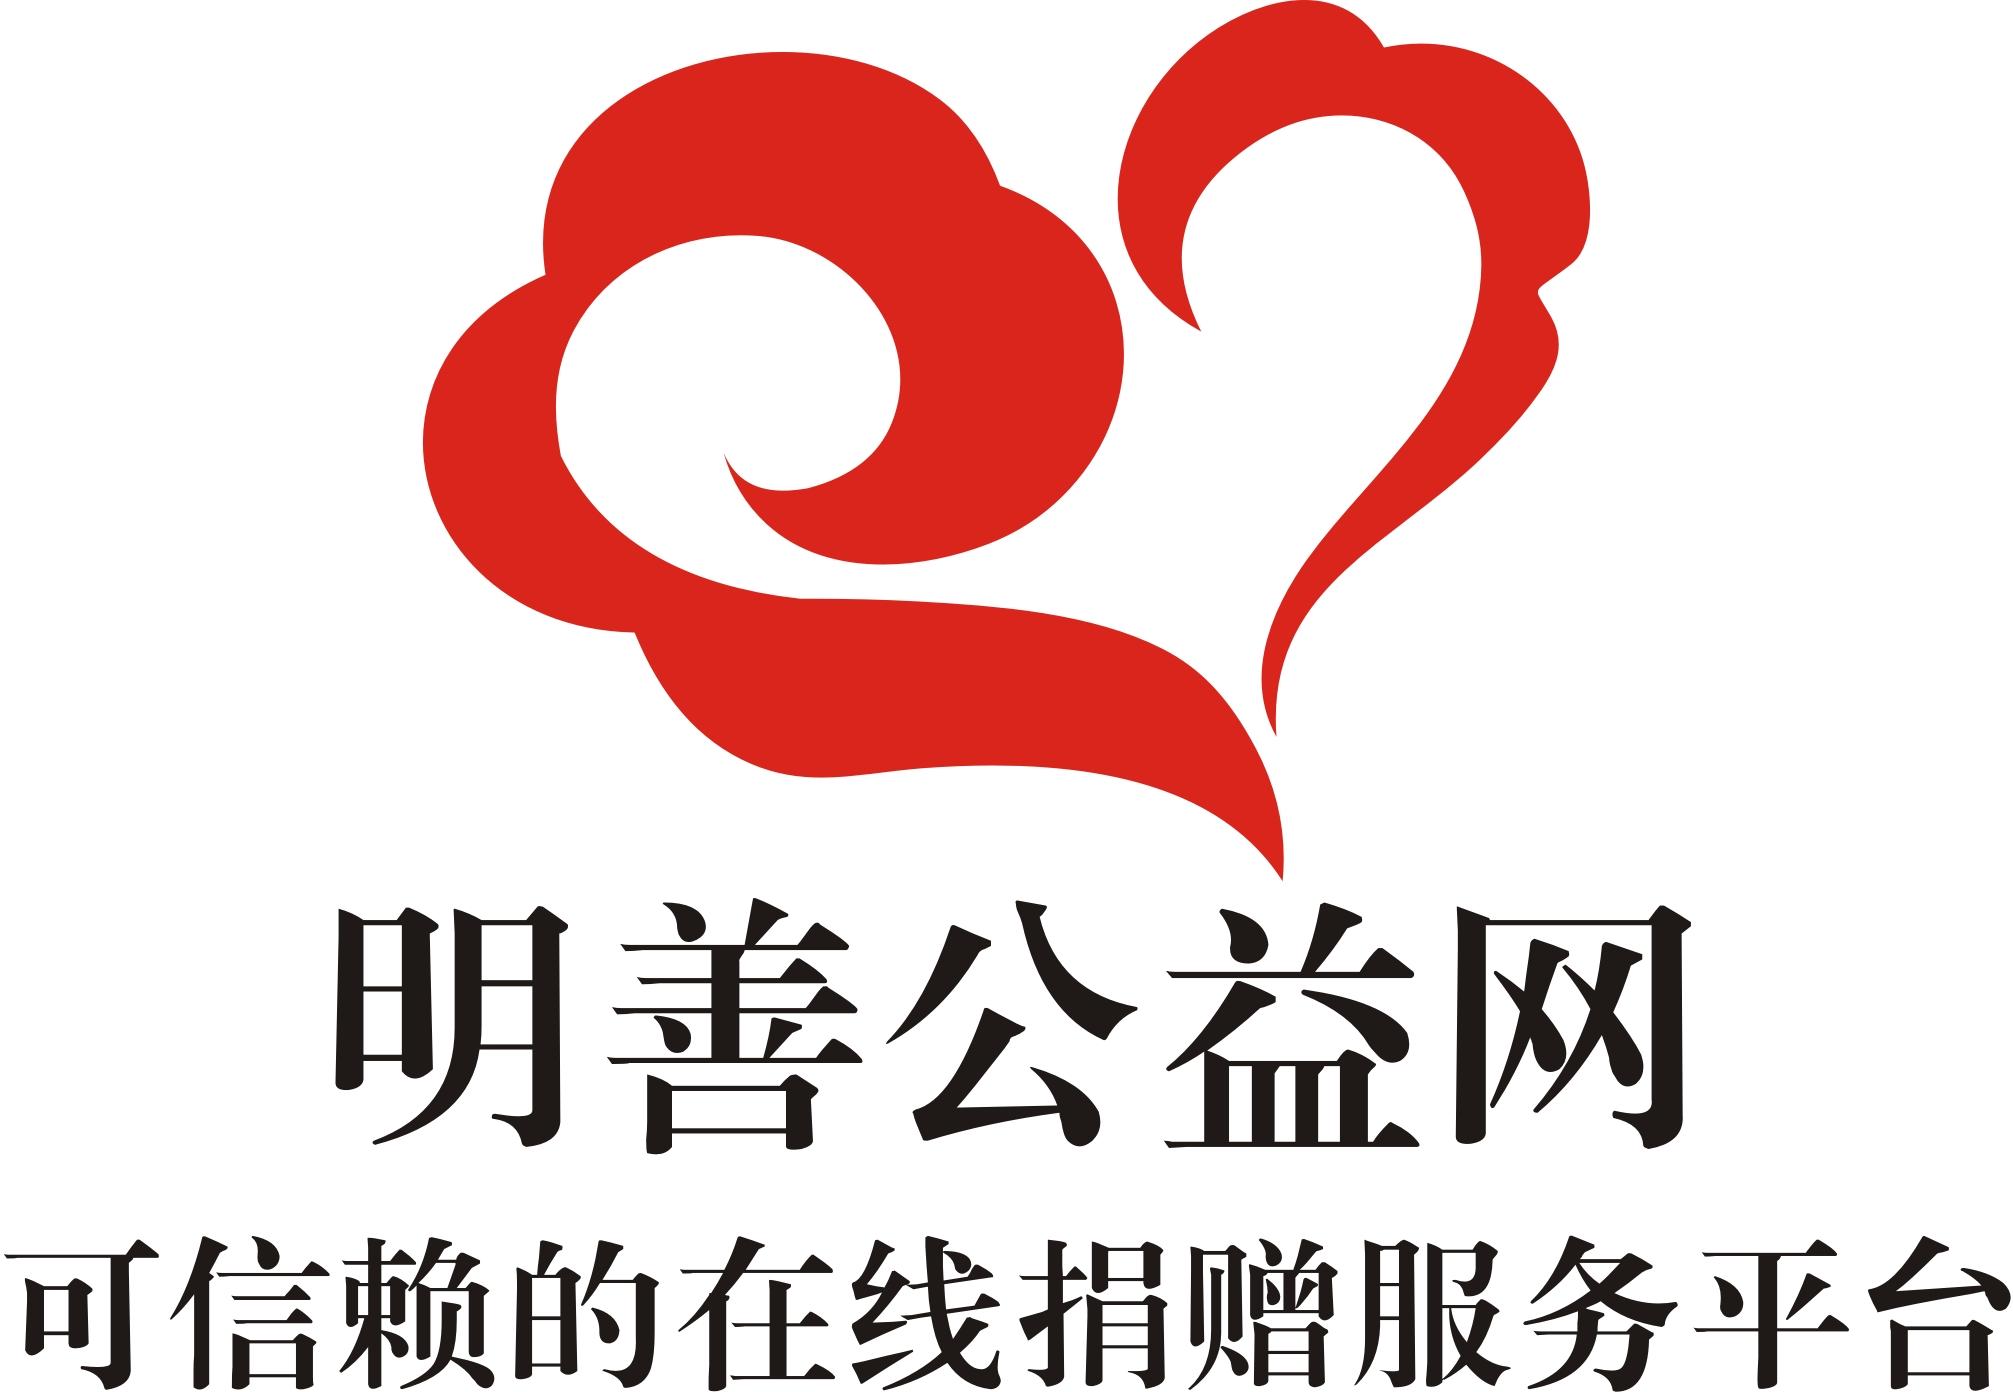 广东平面设计师招聘_大行科技深圳有限公司招聘平面